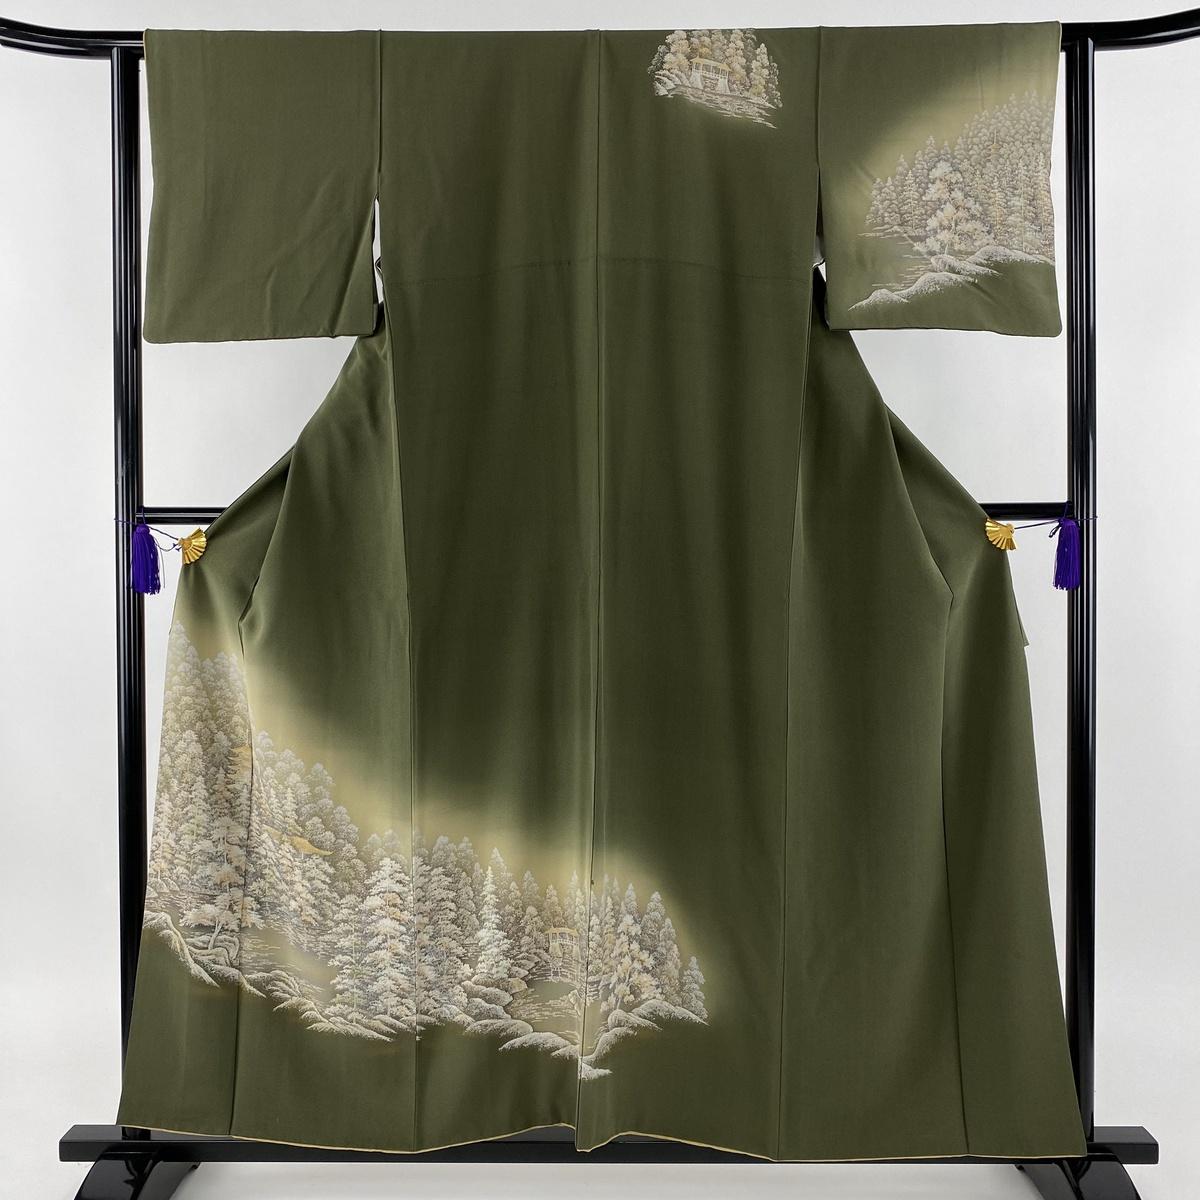 訪問着 秀品 水辺の風景 建物 金彩 縮緬 茶緑色 袷 身丈156cm 裄丈63cm S 正絹 【中古】